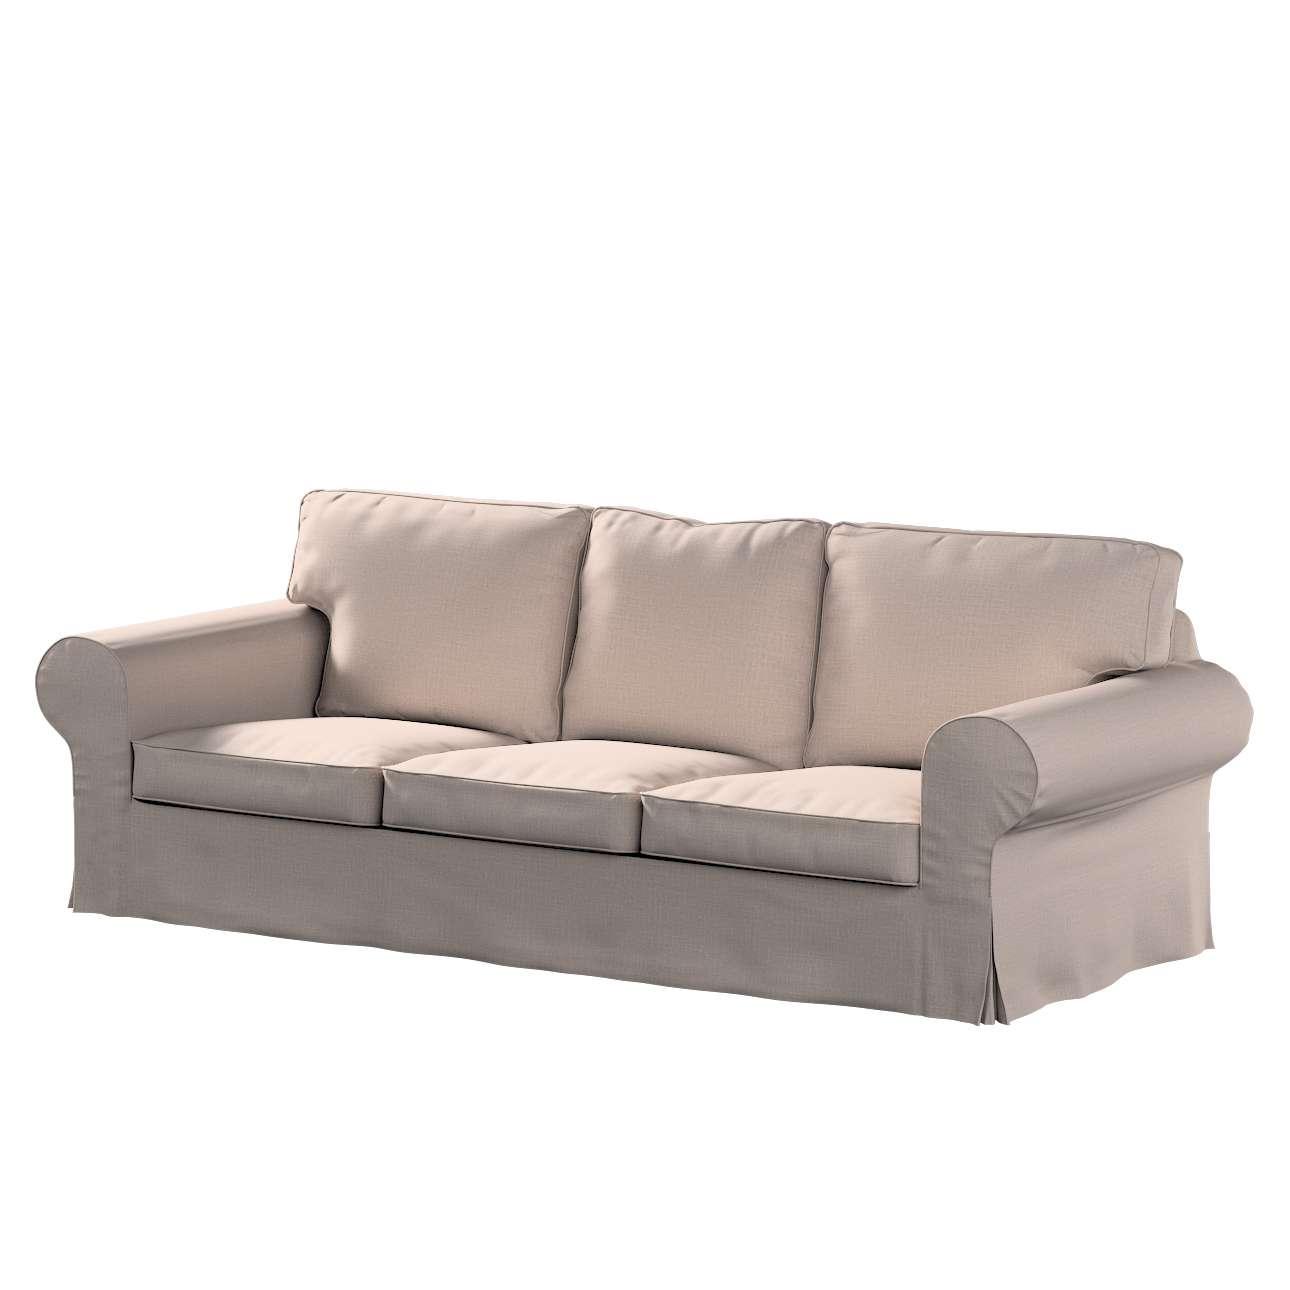 Pokrowiec na sofę Ektorp 3-osobową, rozkładaną w kolekcji Living II, tkanina: 160-85